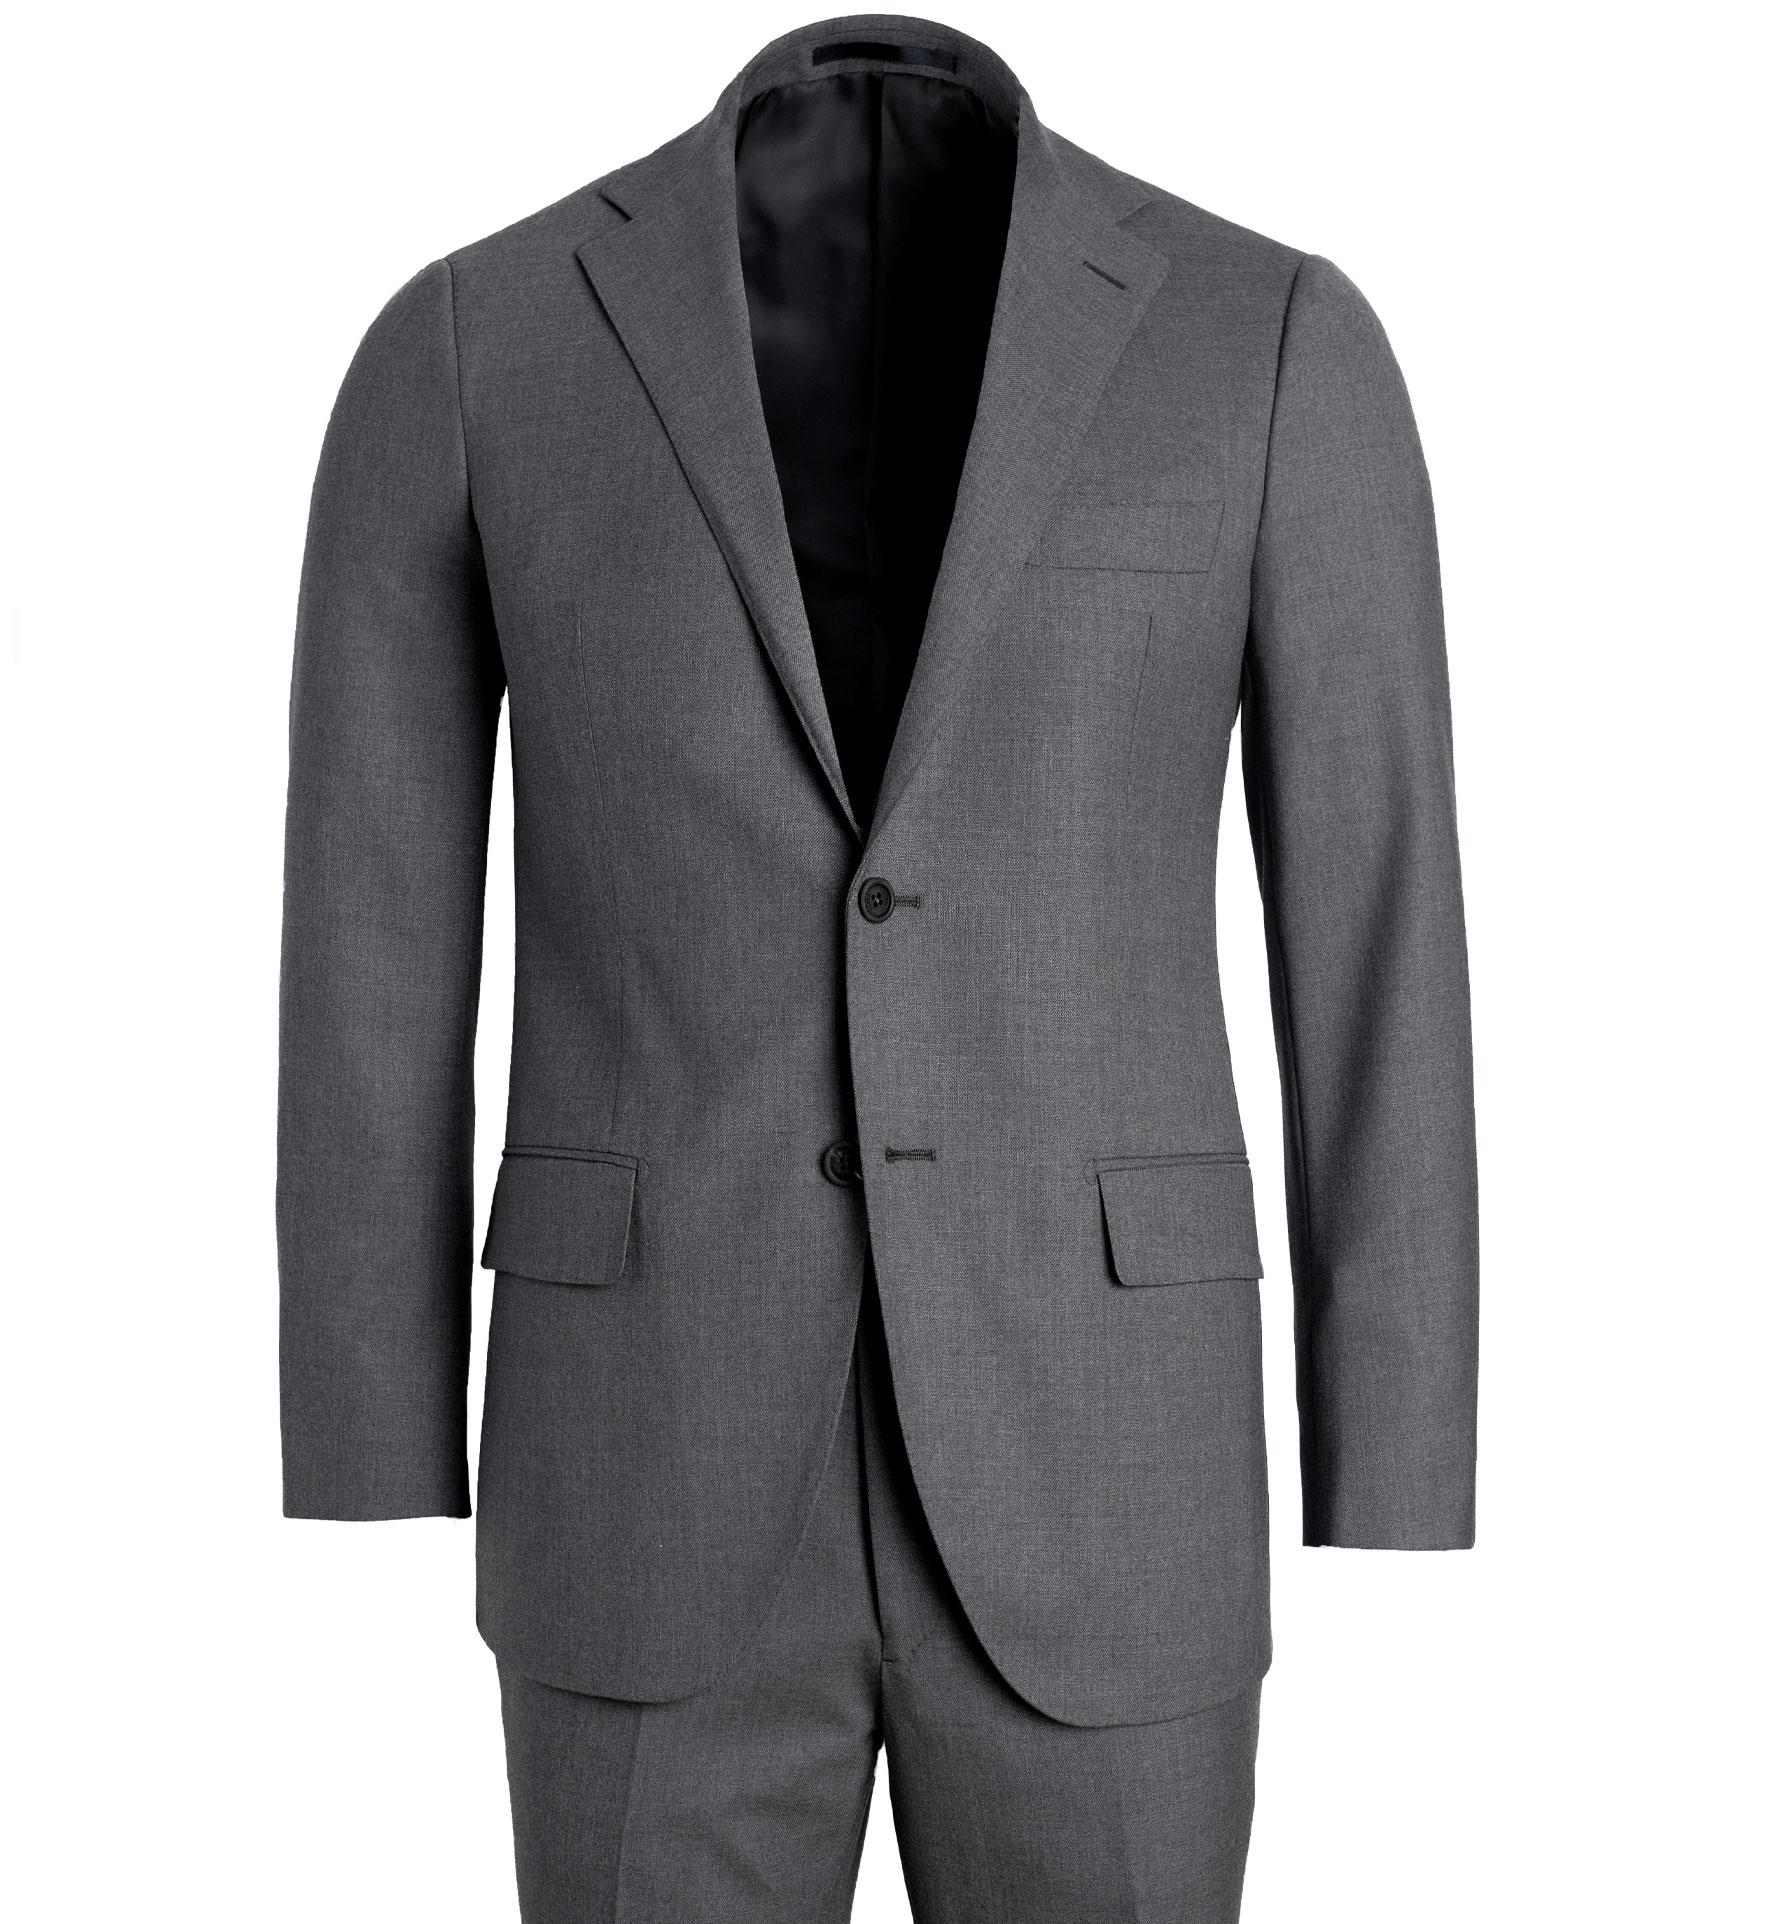 Zoom Image of Allen Grey Comfort Fresco Suit